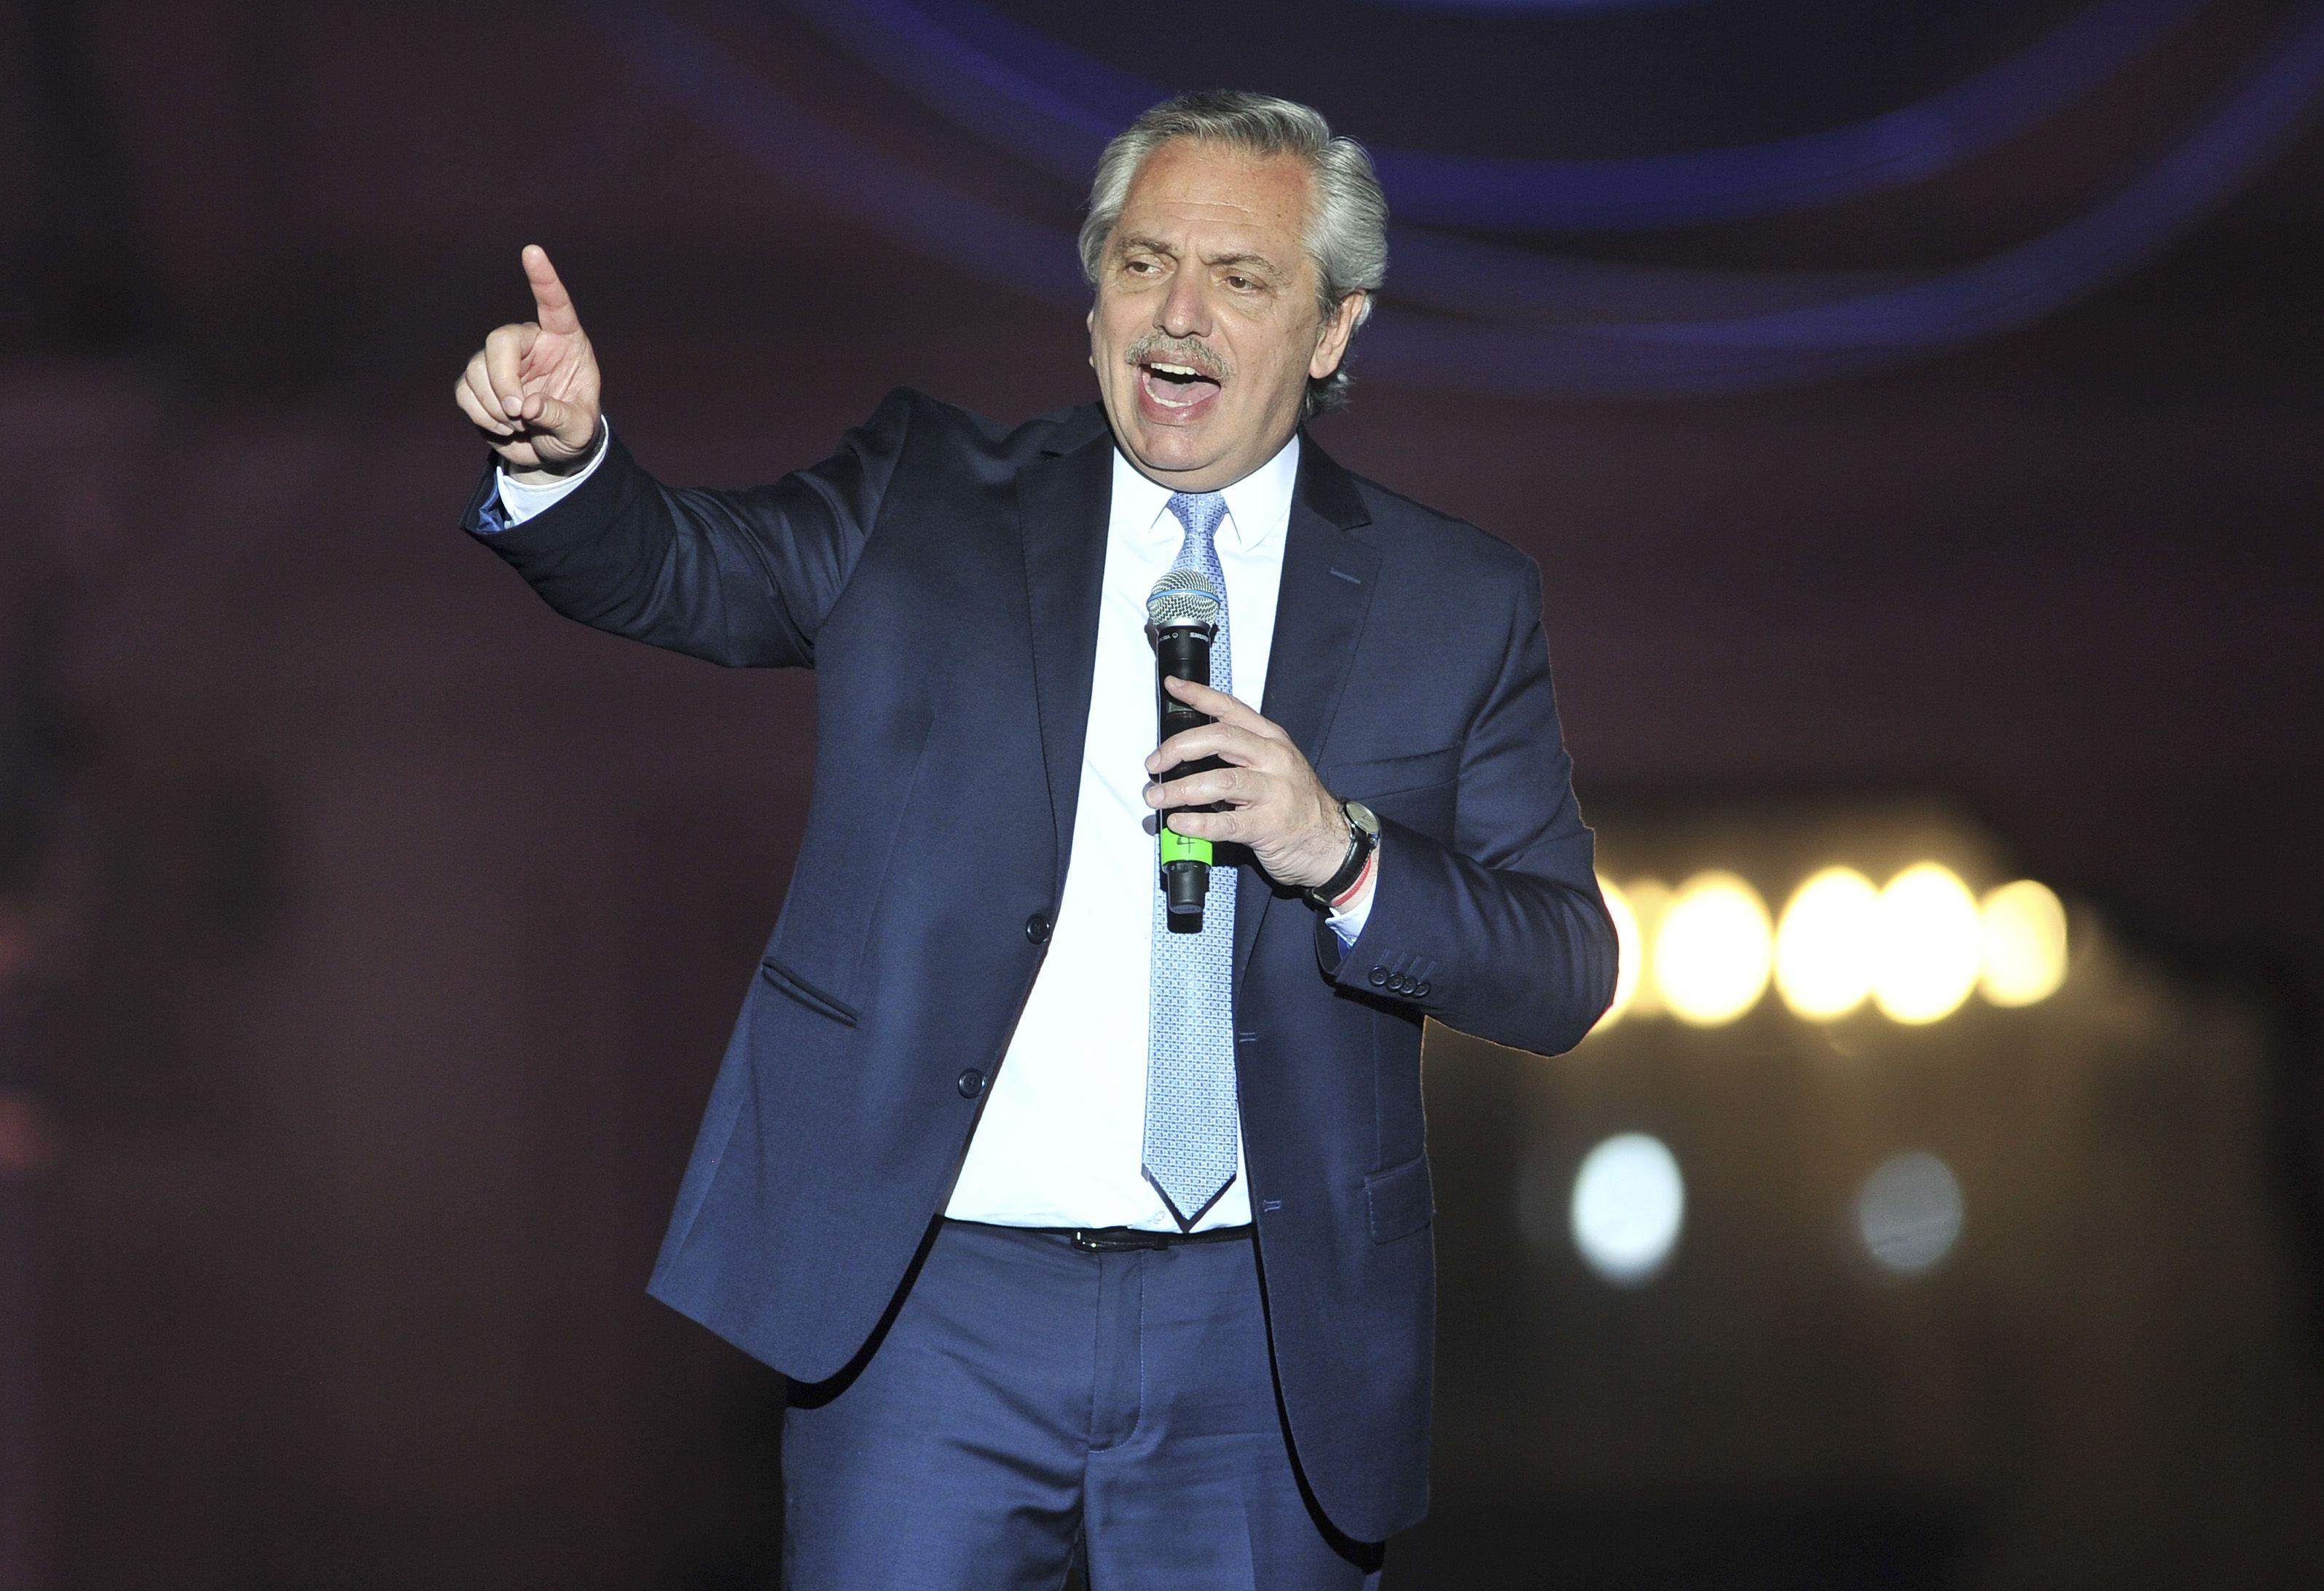 Alberto Fernández frenó los insultos contra Macri: Todo eso ya pasó